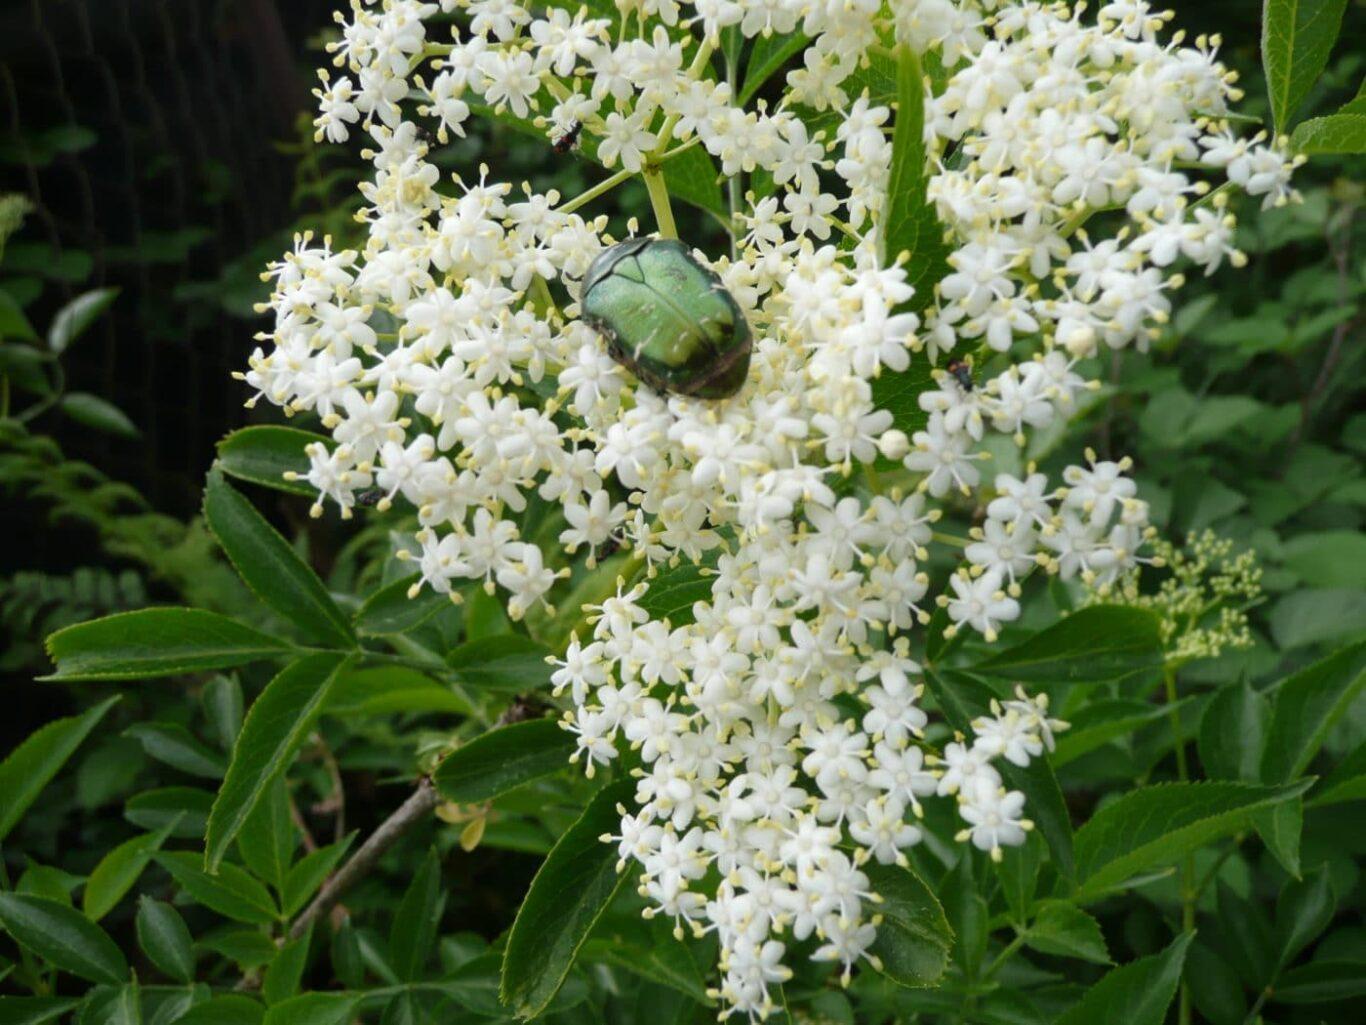 Holunderblüte mit Käfer